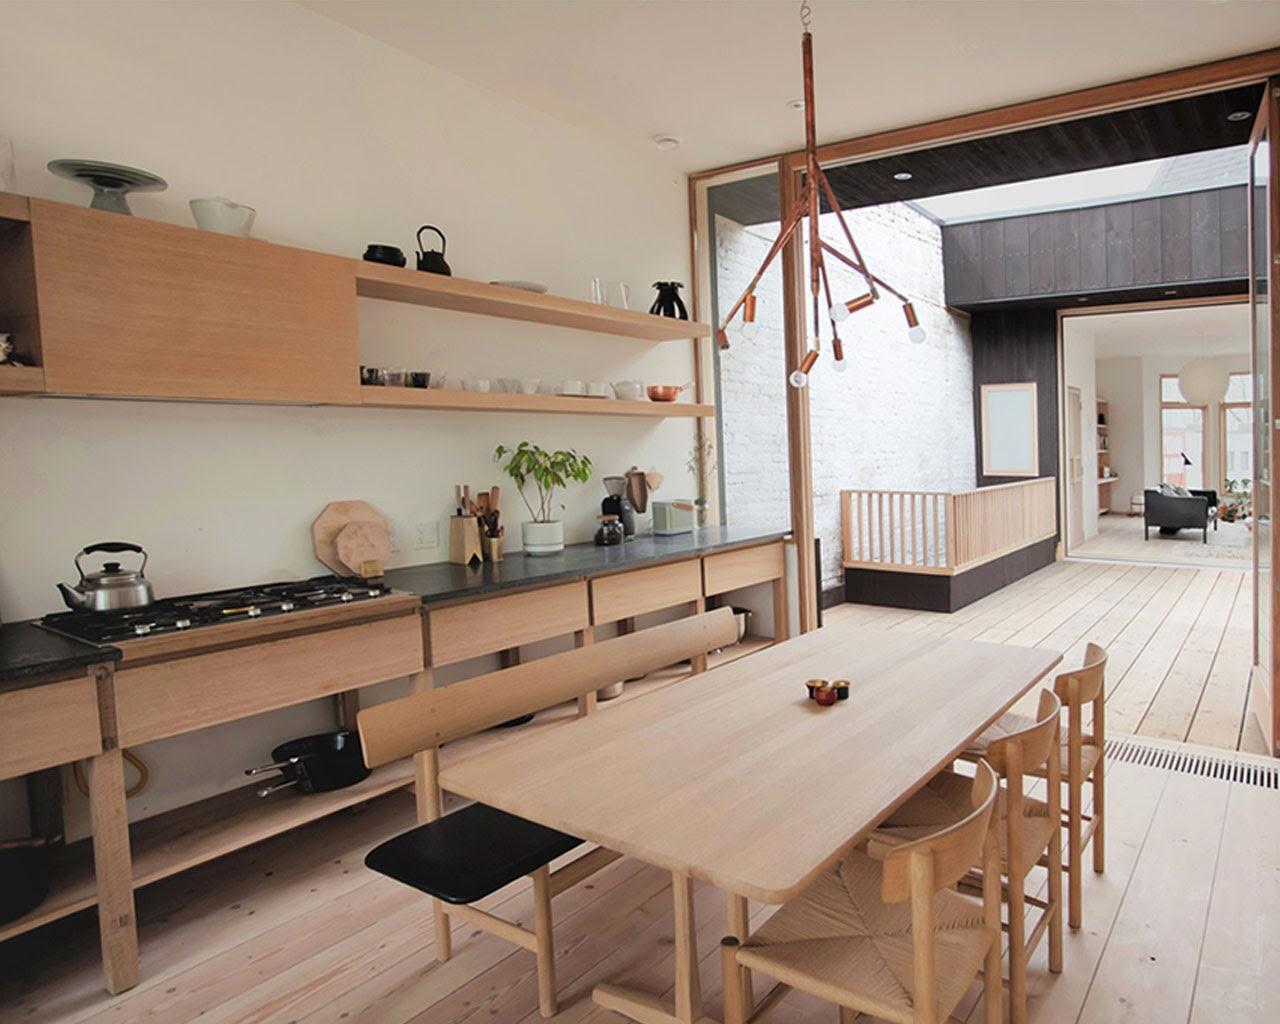 Le petit floril ge d coration int rieure bordeaux - Maison moderne toronto par studio junction ...